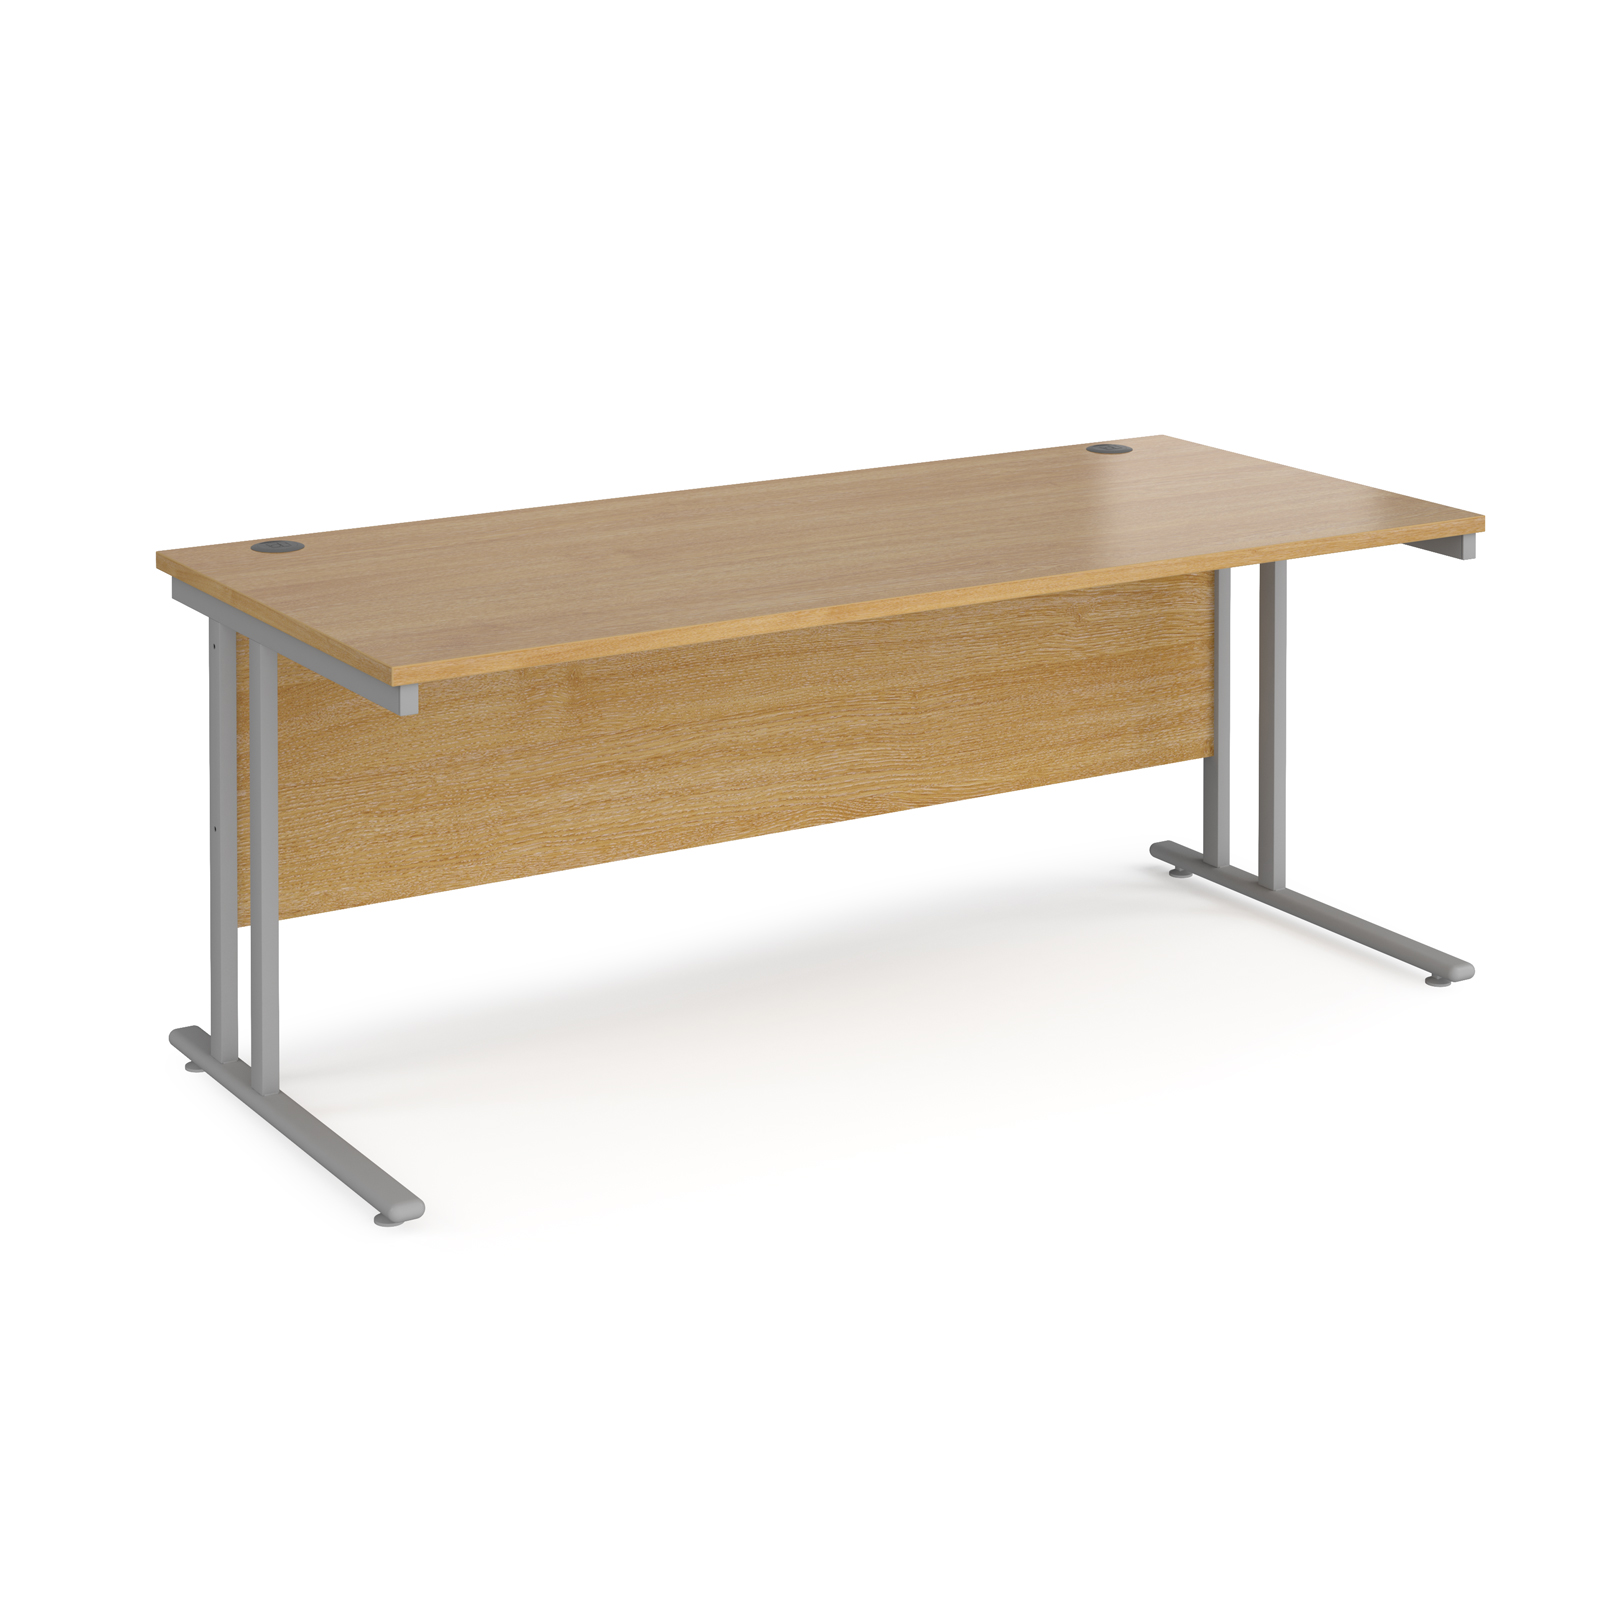 Rectangular Desks Maestro 25 straight desk 1800mm x 800mm - silver cantilever leg frame, oak top